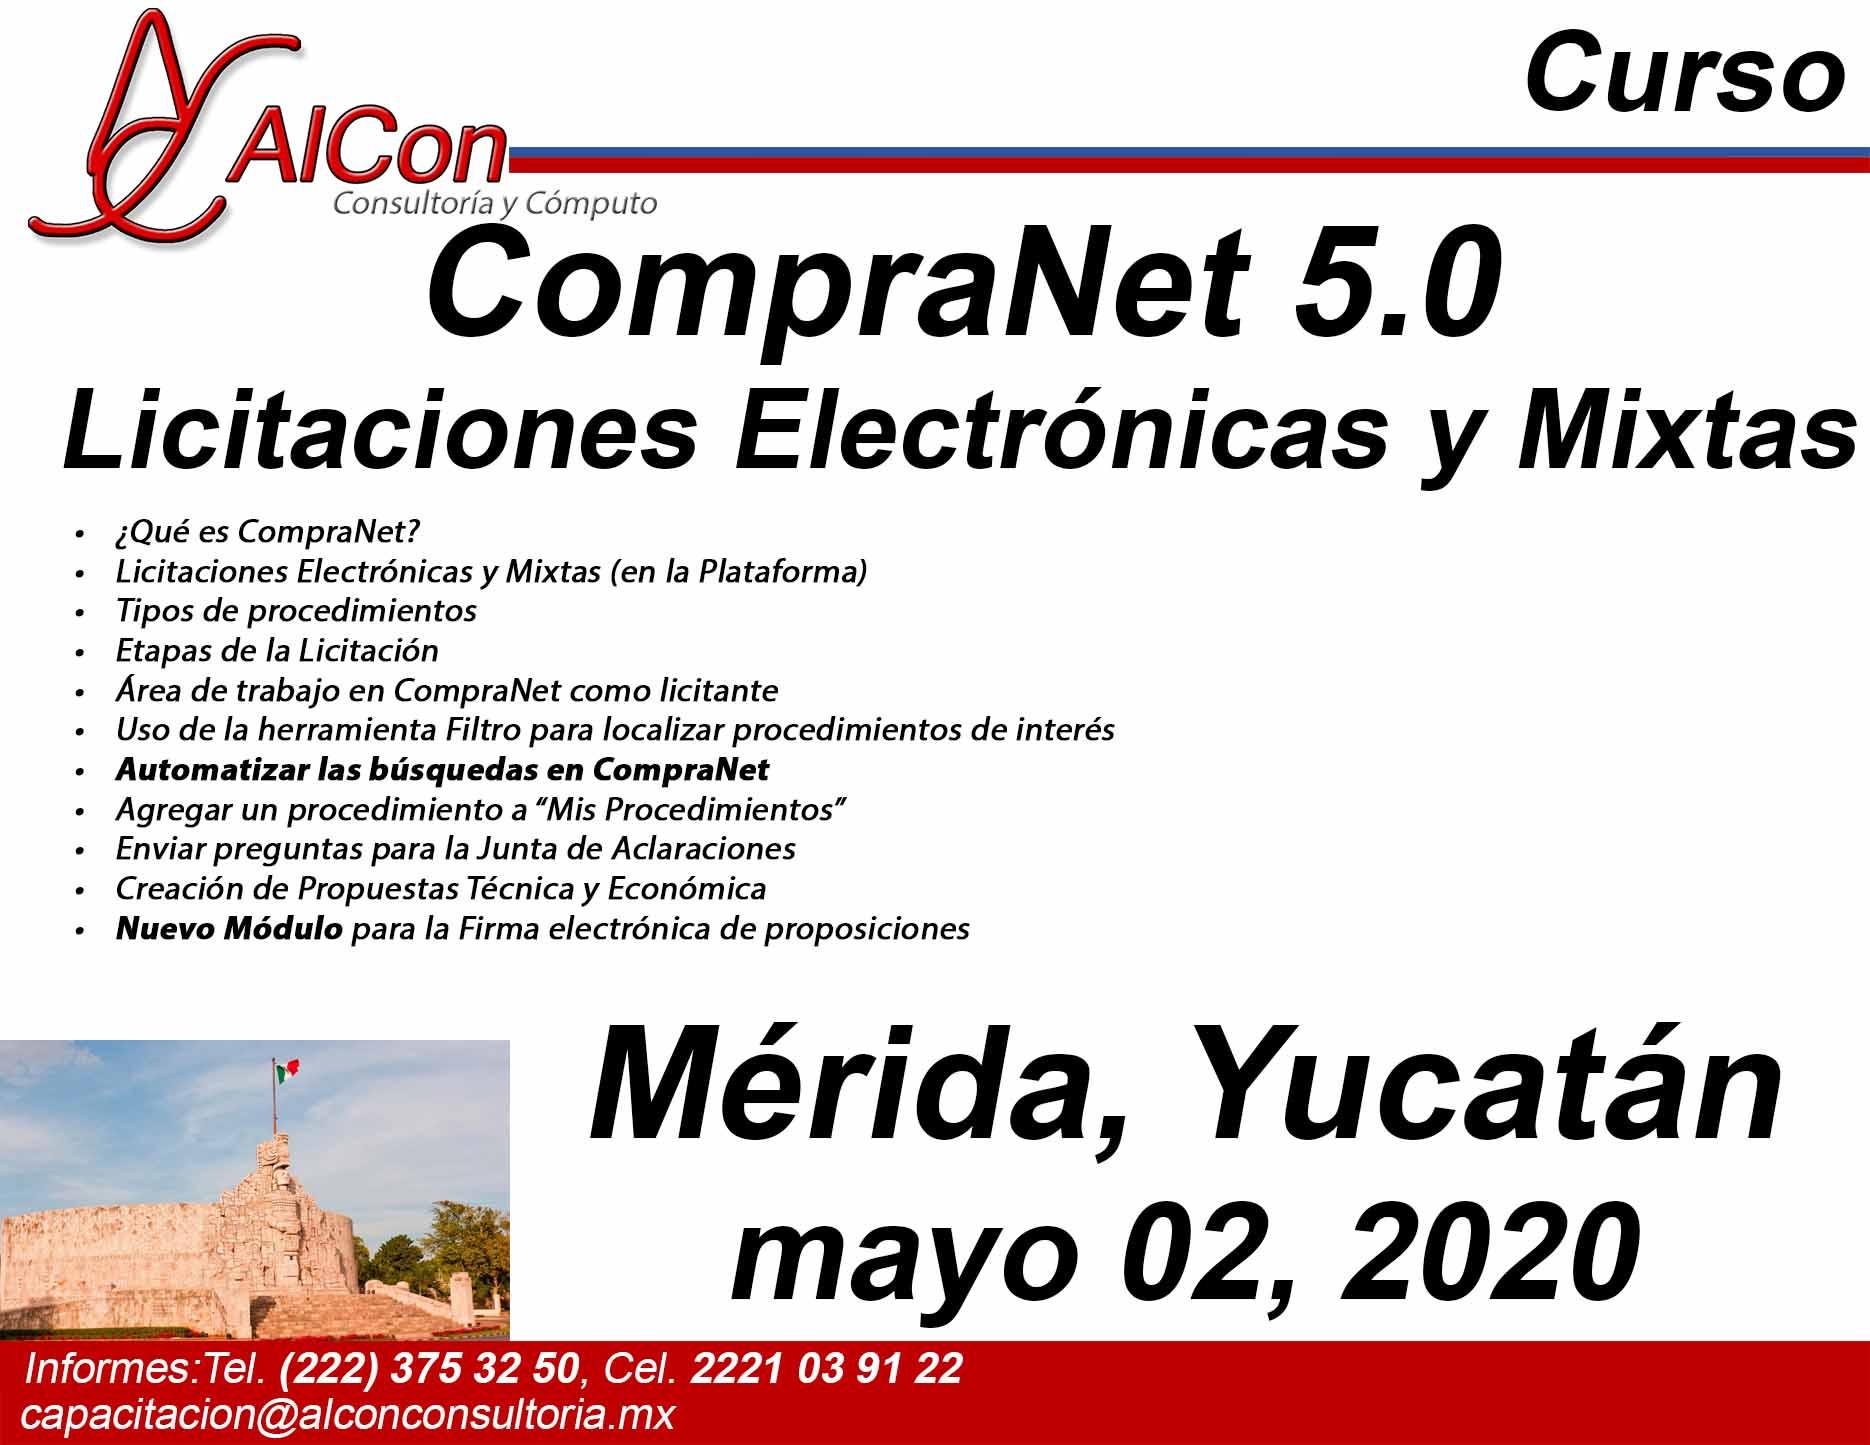 Curso de CompraNet 5.0, Mérida, Yucatán, AlCon Consultoría y Cómputo, AlCon Consulting And Commerce, Arcadio Alonso Sánchez